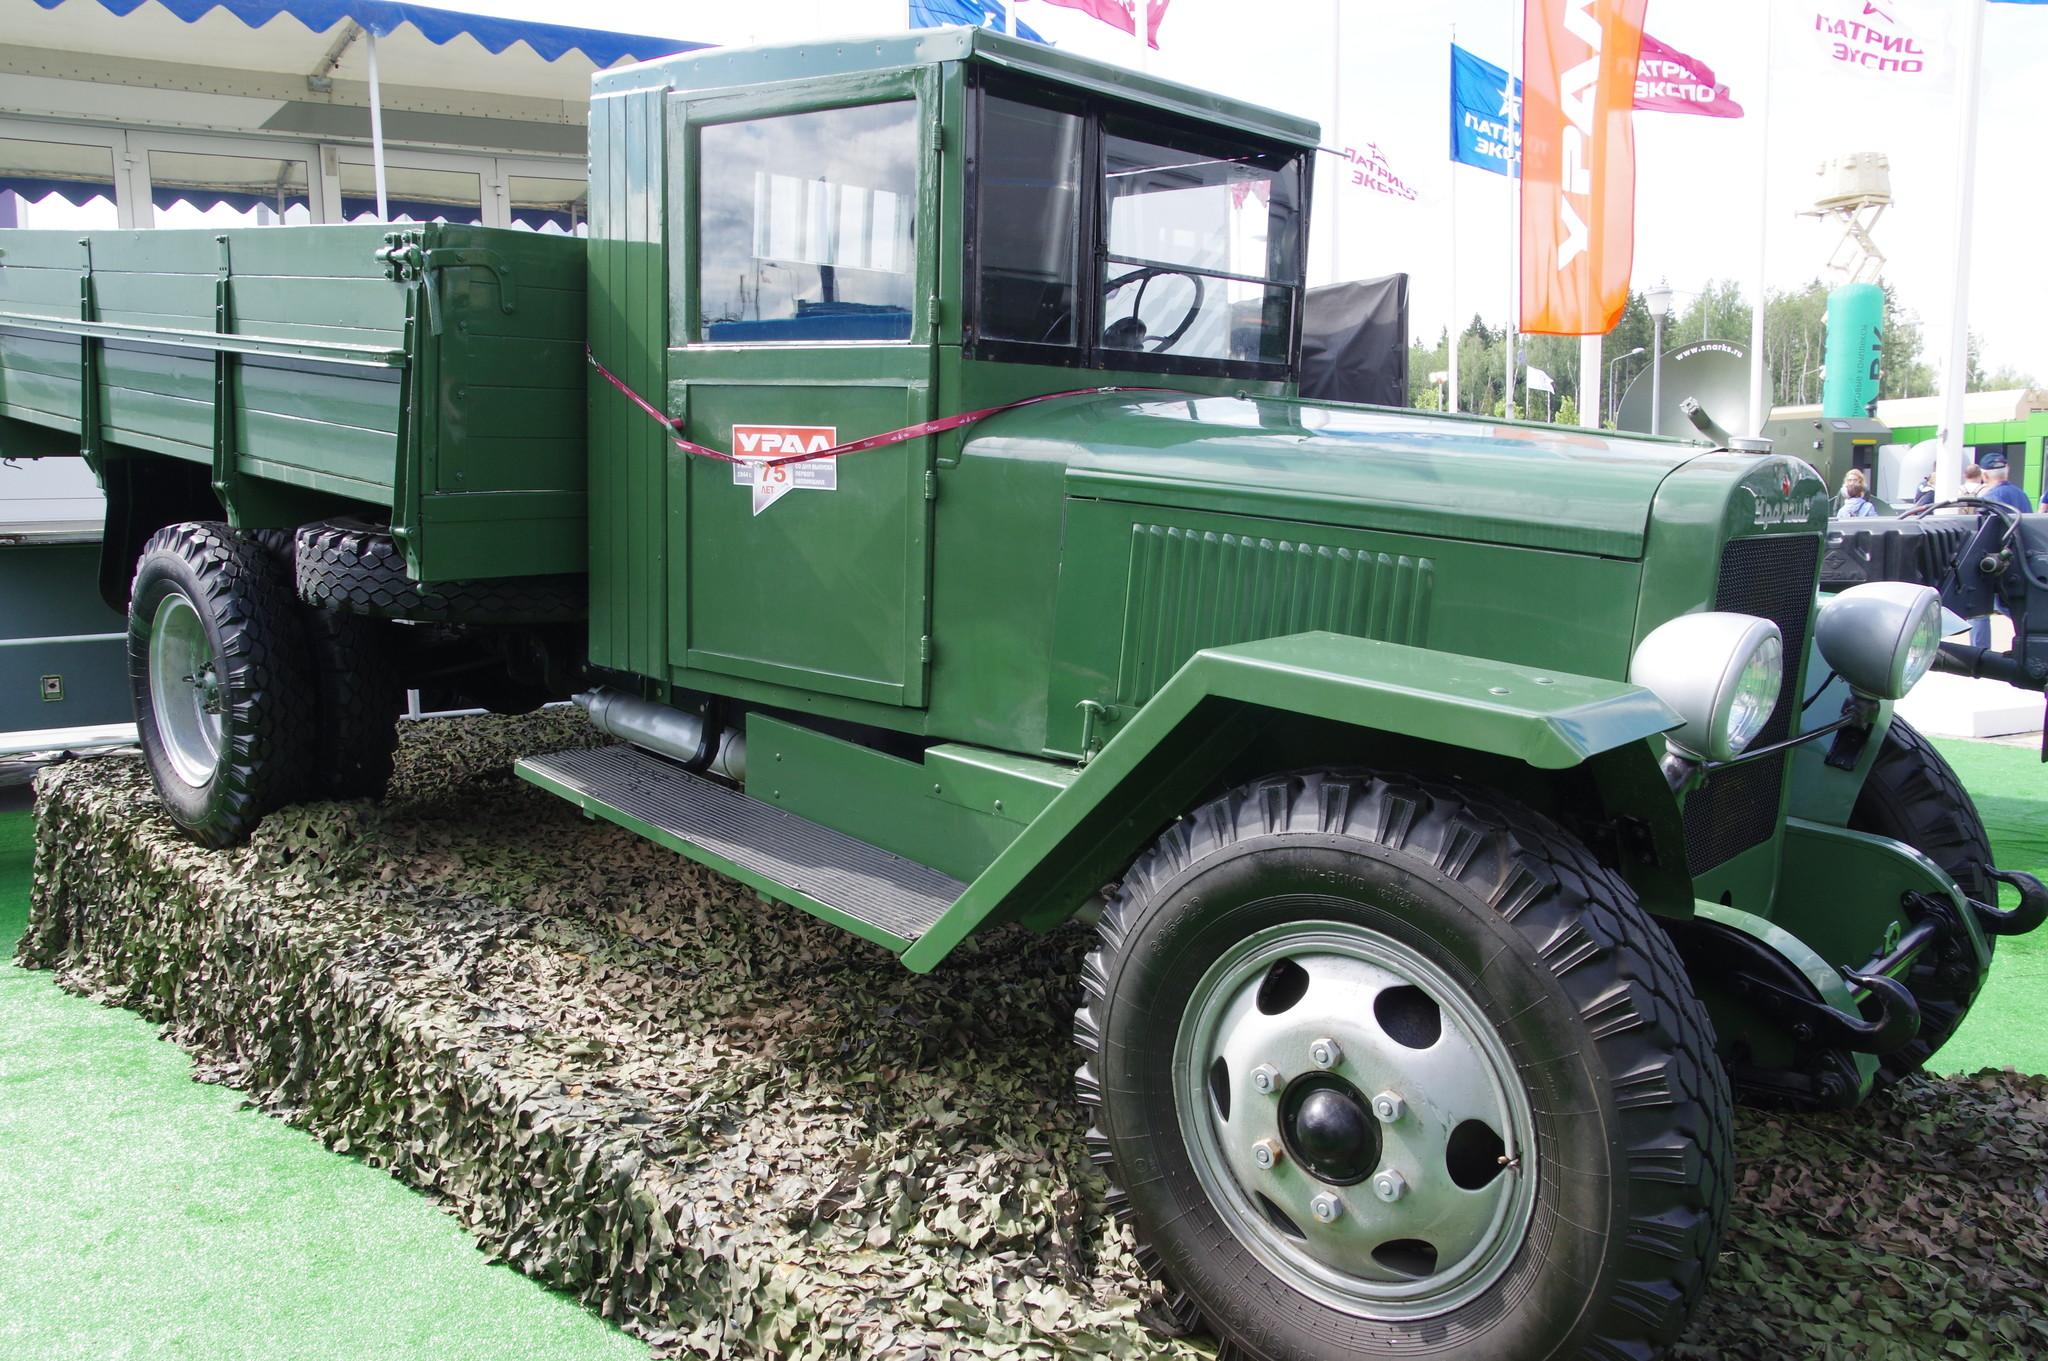 Грузовой автомобиль ЗИС-5В производства УралЗИС. Завод расположен в городе Миассе Челябинской области